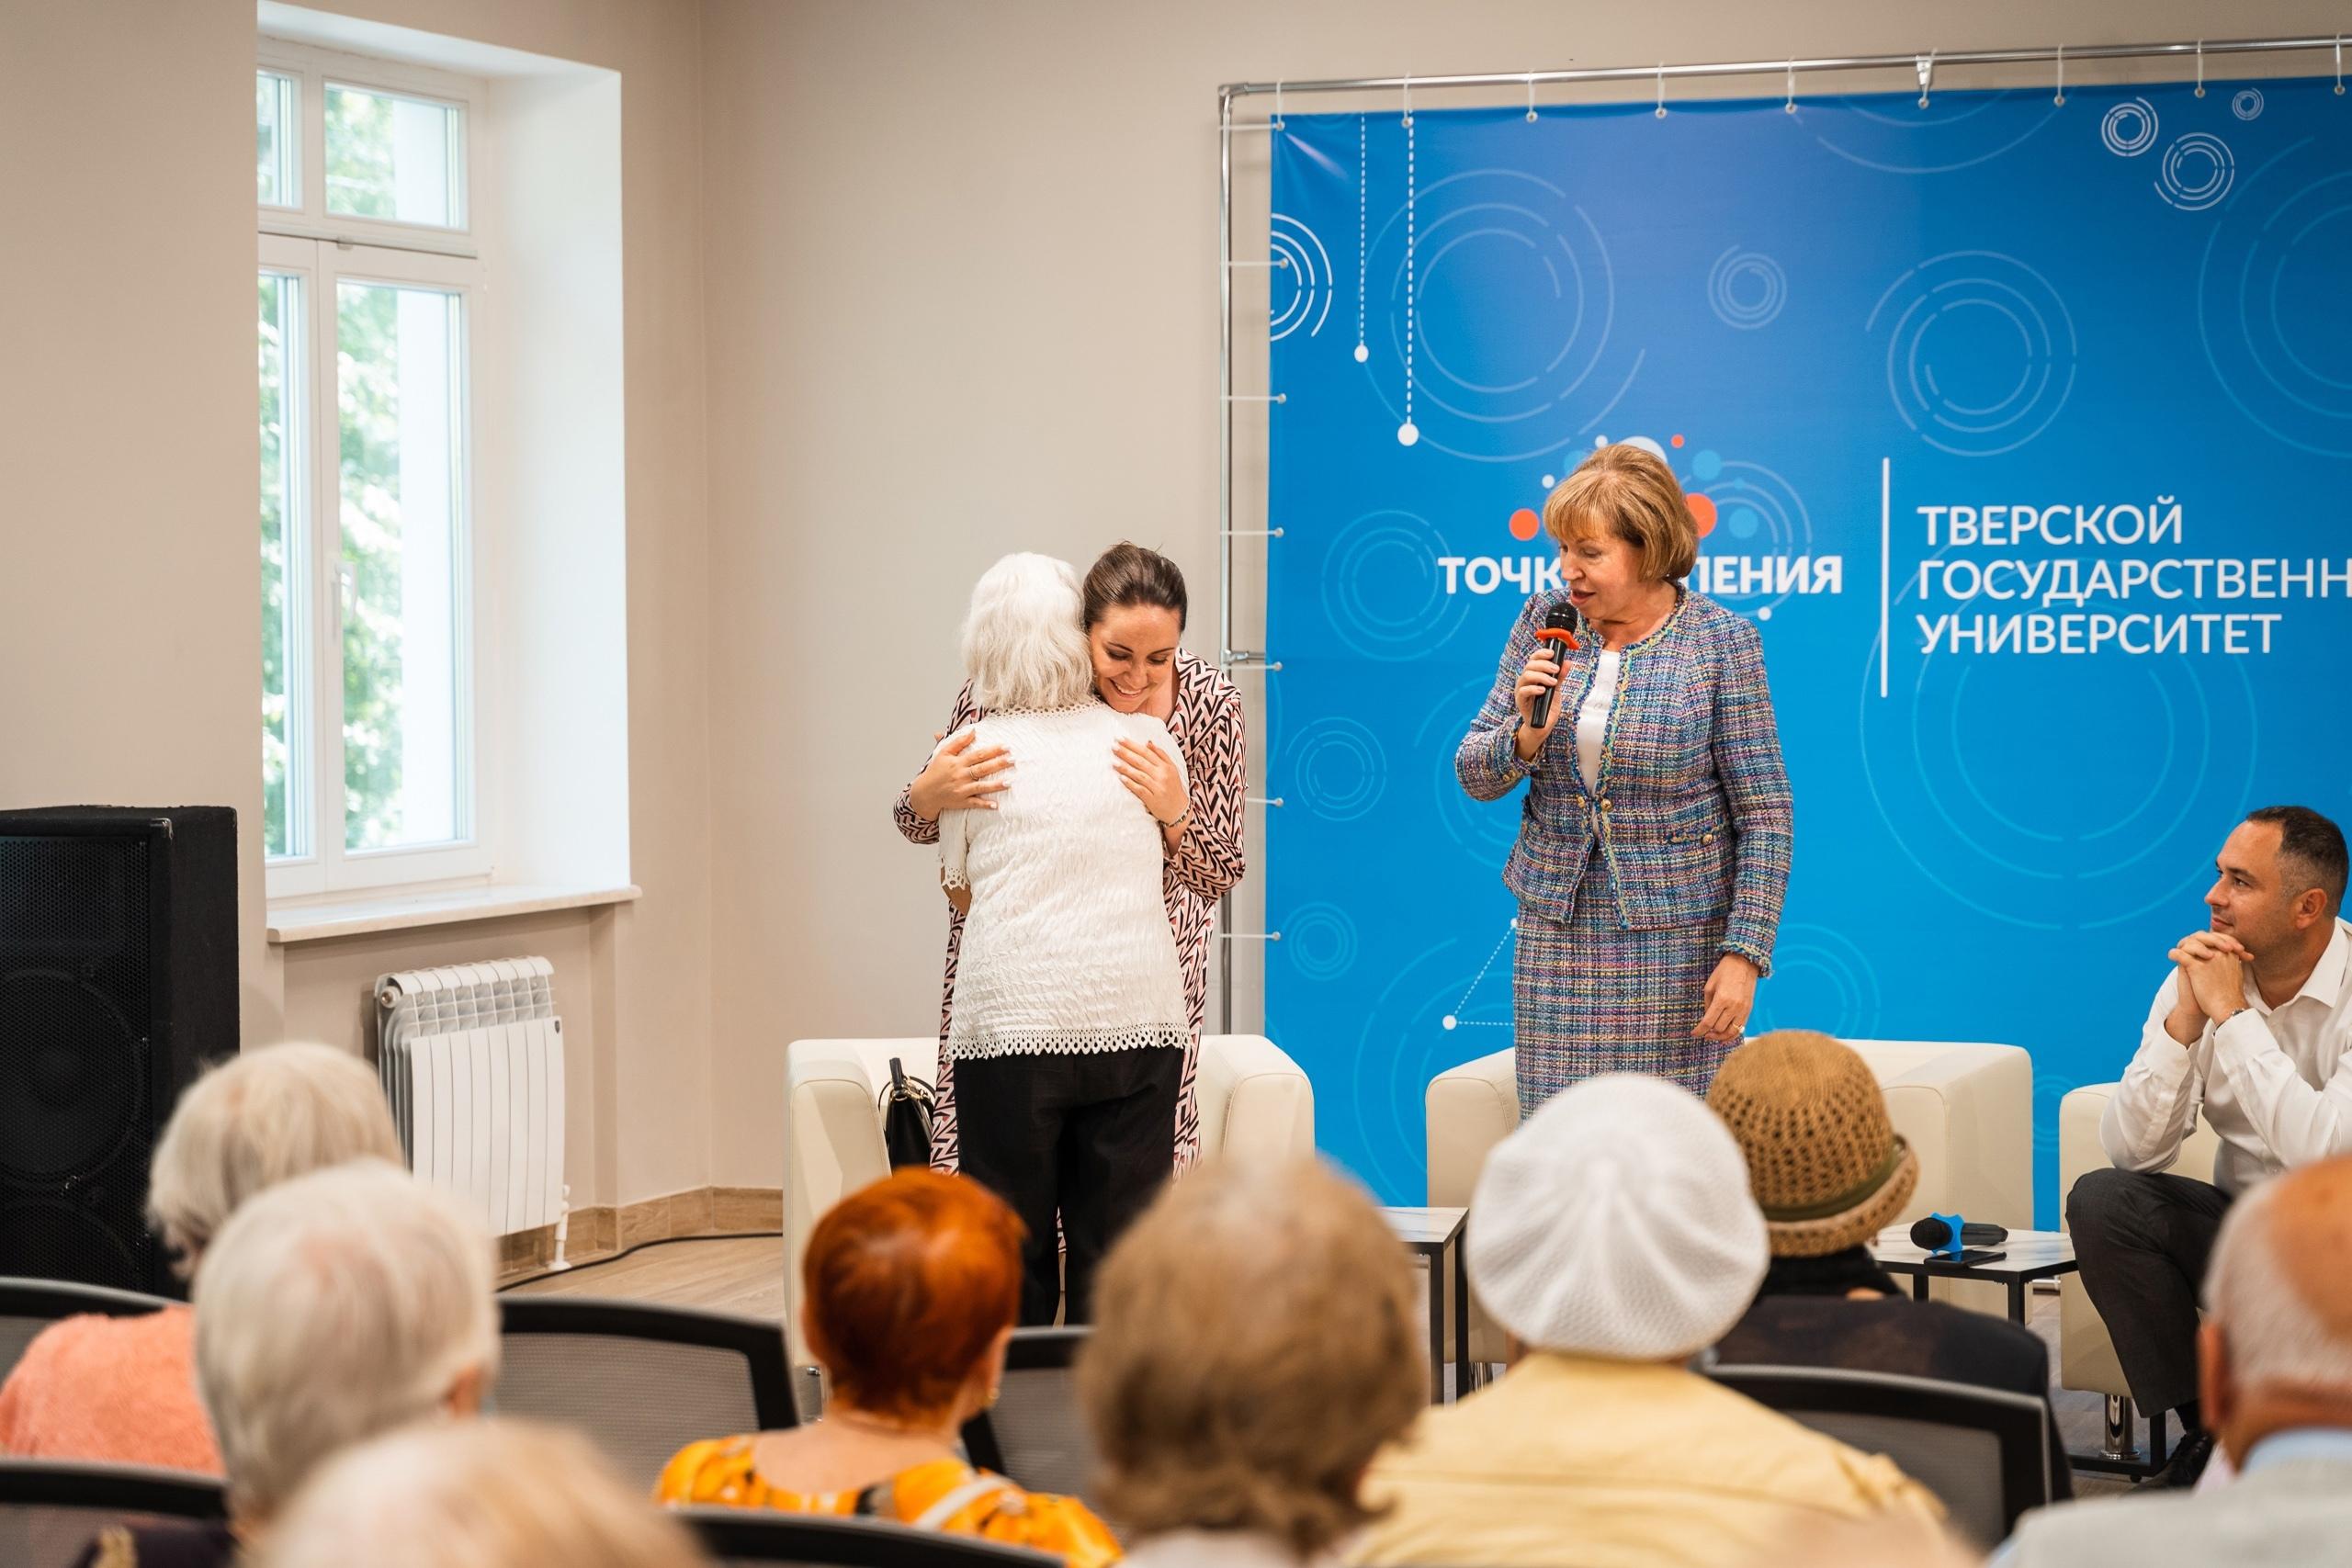 Боевая и очень душевная: бывший вахтер ТвГУ пришла на встречу с Юлией Сарановой, чтобы рассказать правду о её студенчестве